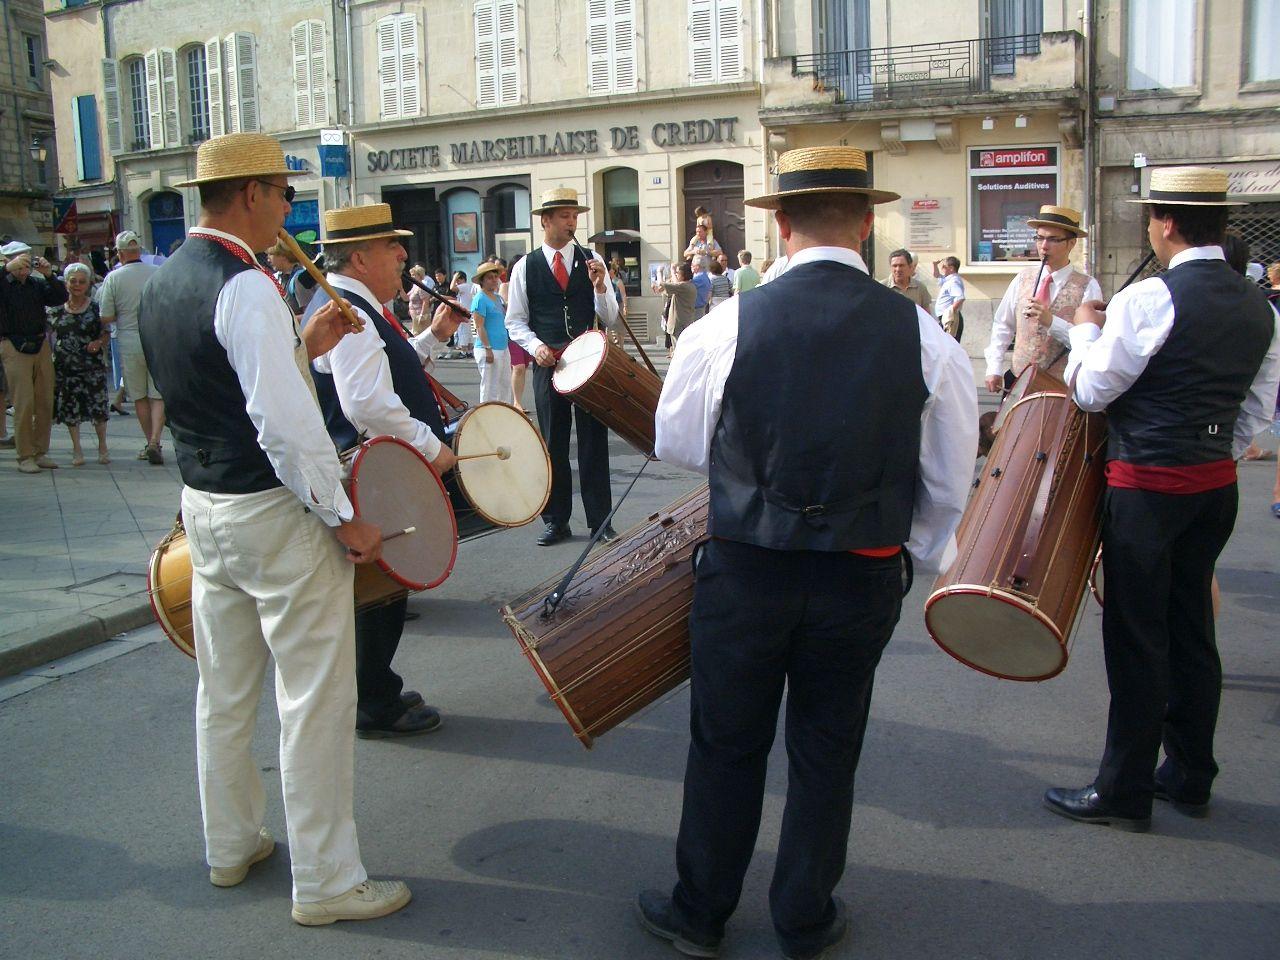 プロヴァンス太鼓がパレードに華を添える